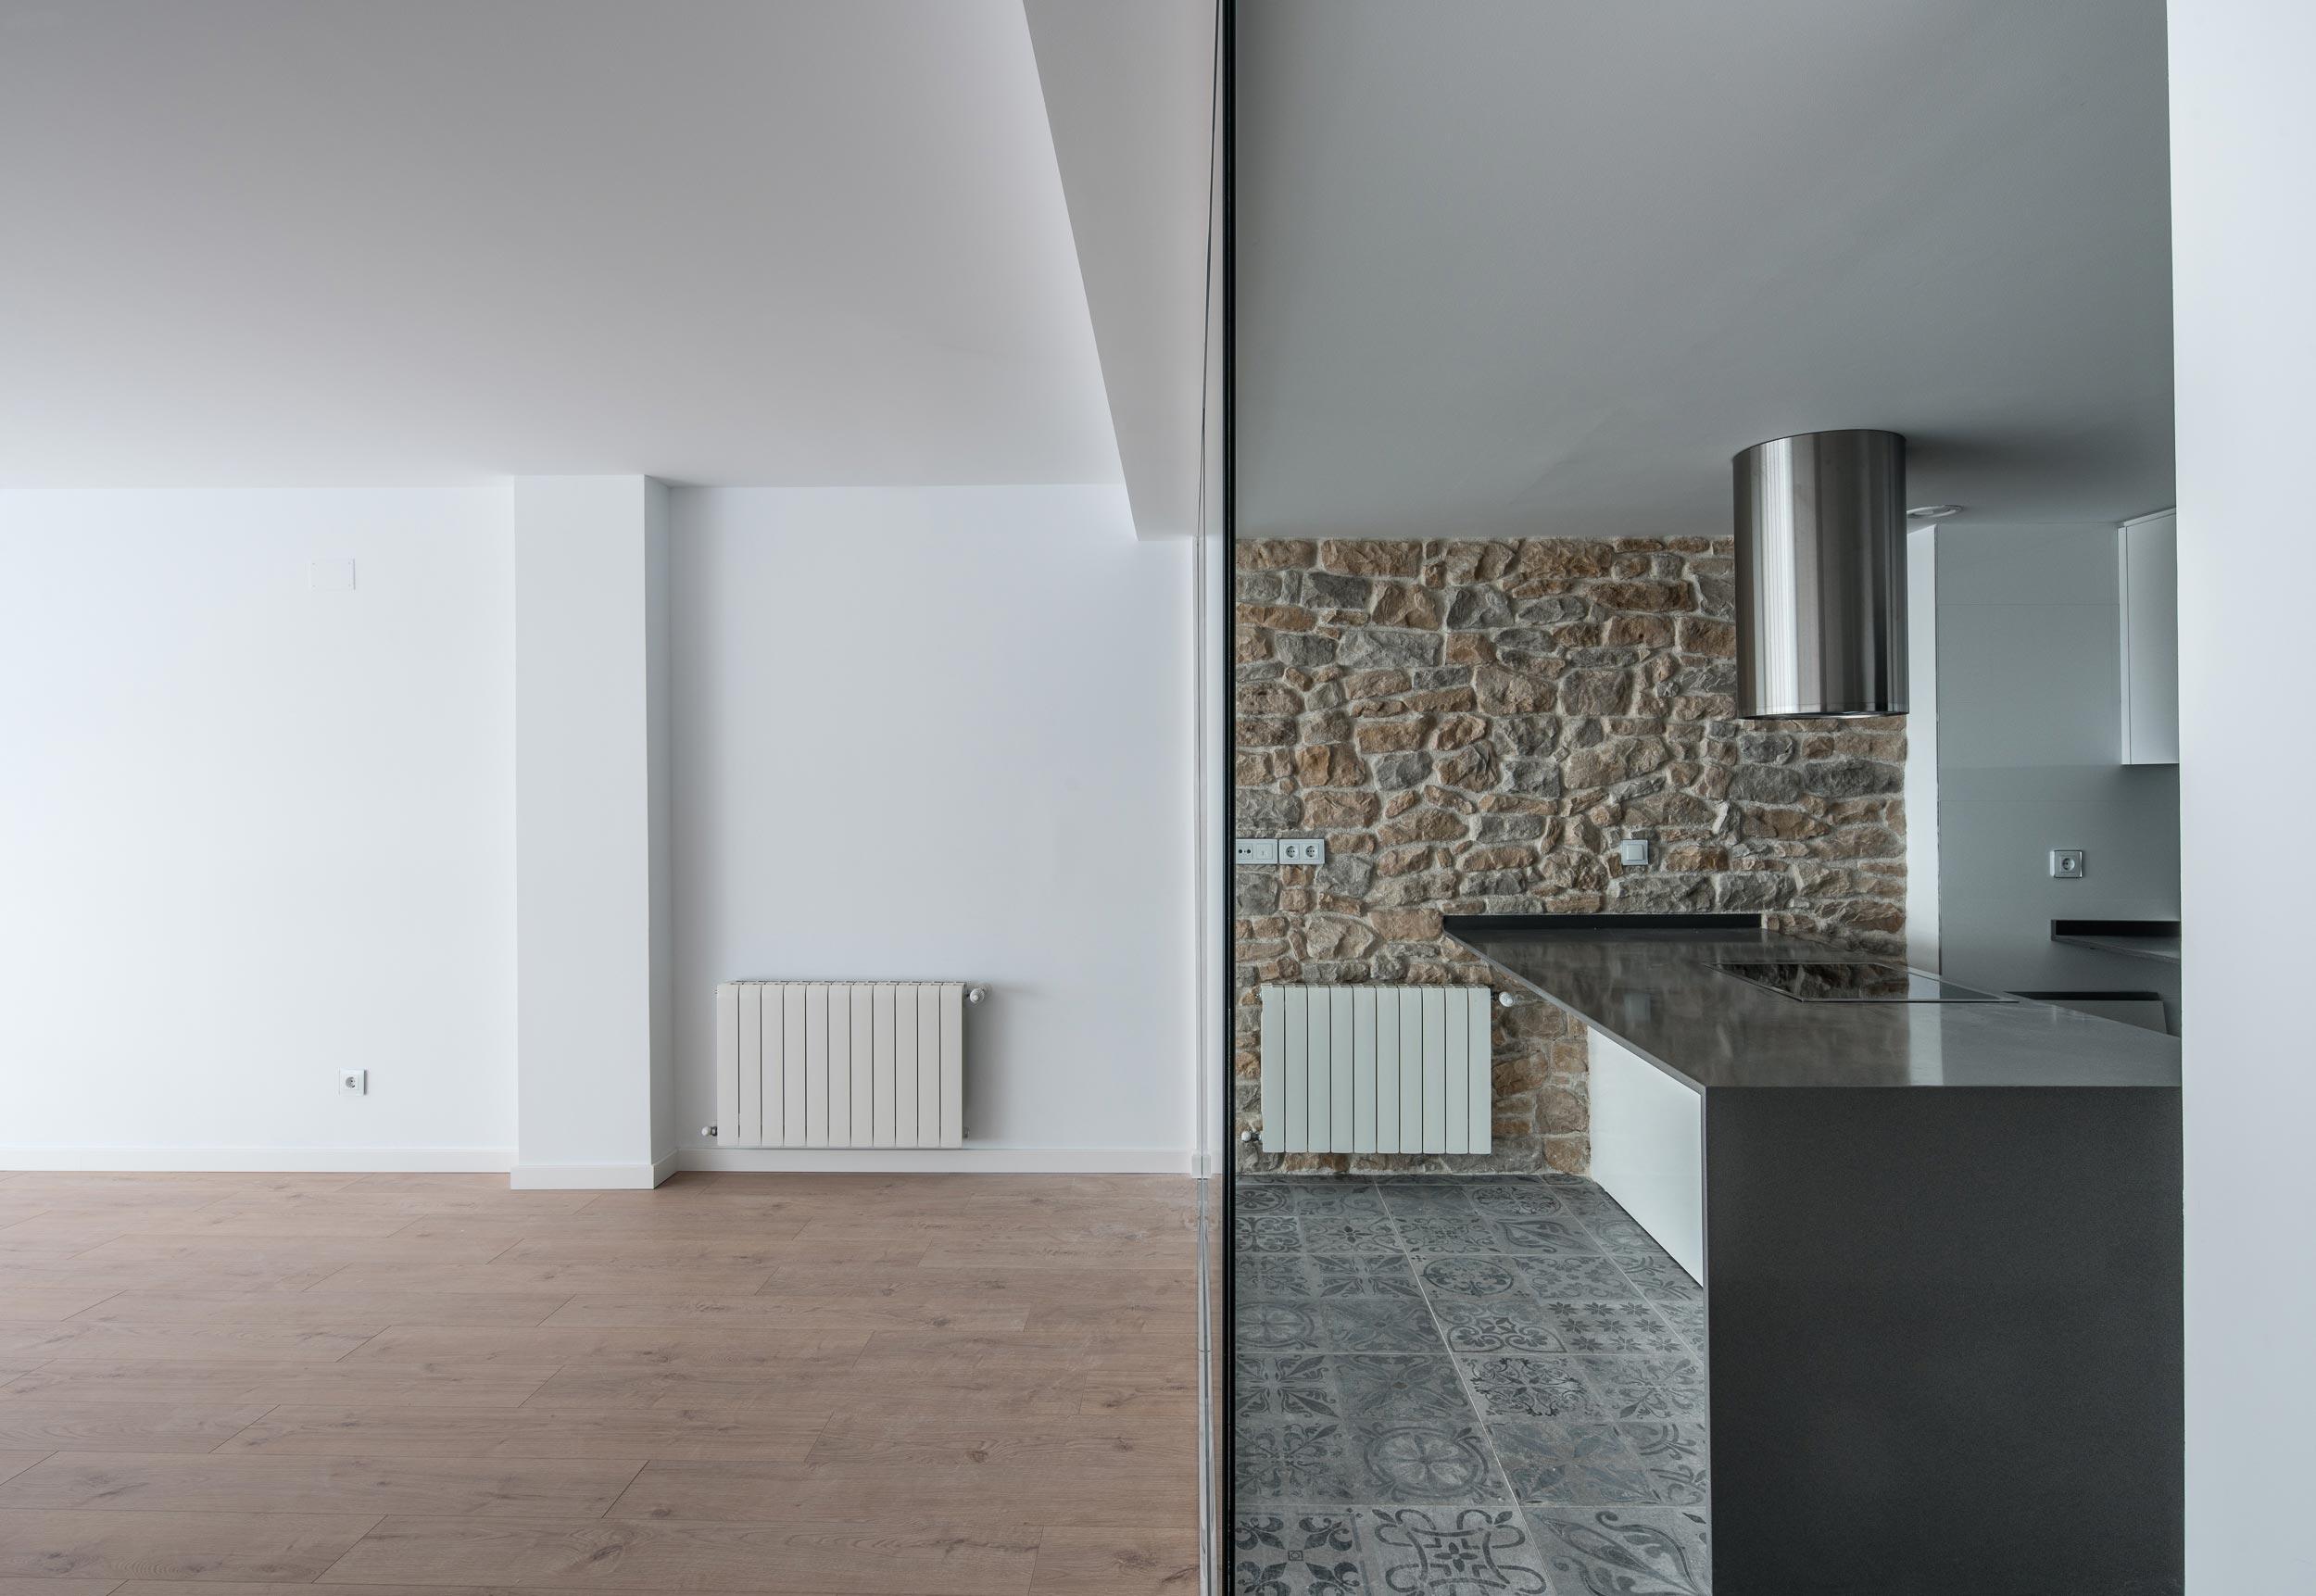 Fotografía frontal interior de la cocina y salón separados mediante una cristalera que conecta visualmente ambas zonas. Destaca el muro de mampostería de la cocina. Pintor Lorenzo Casanova.